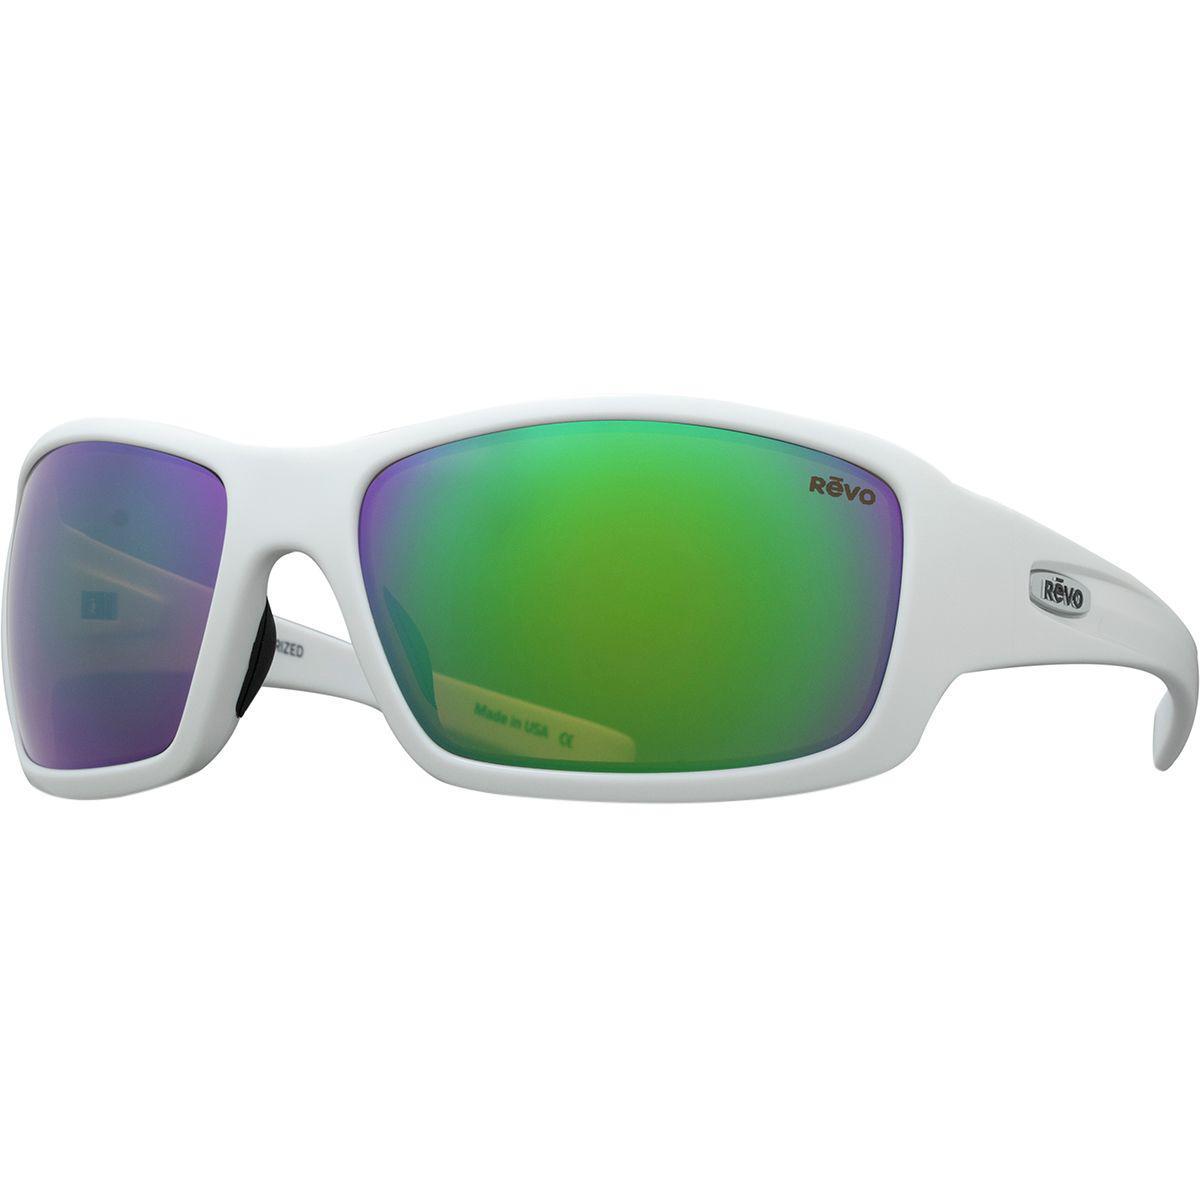 98830d98c37 Revo - Green Bearing Polarized Sunglasses for Men - Lyst. View fullscreen